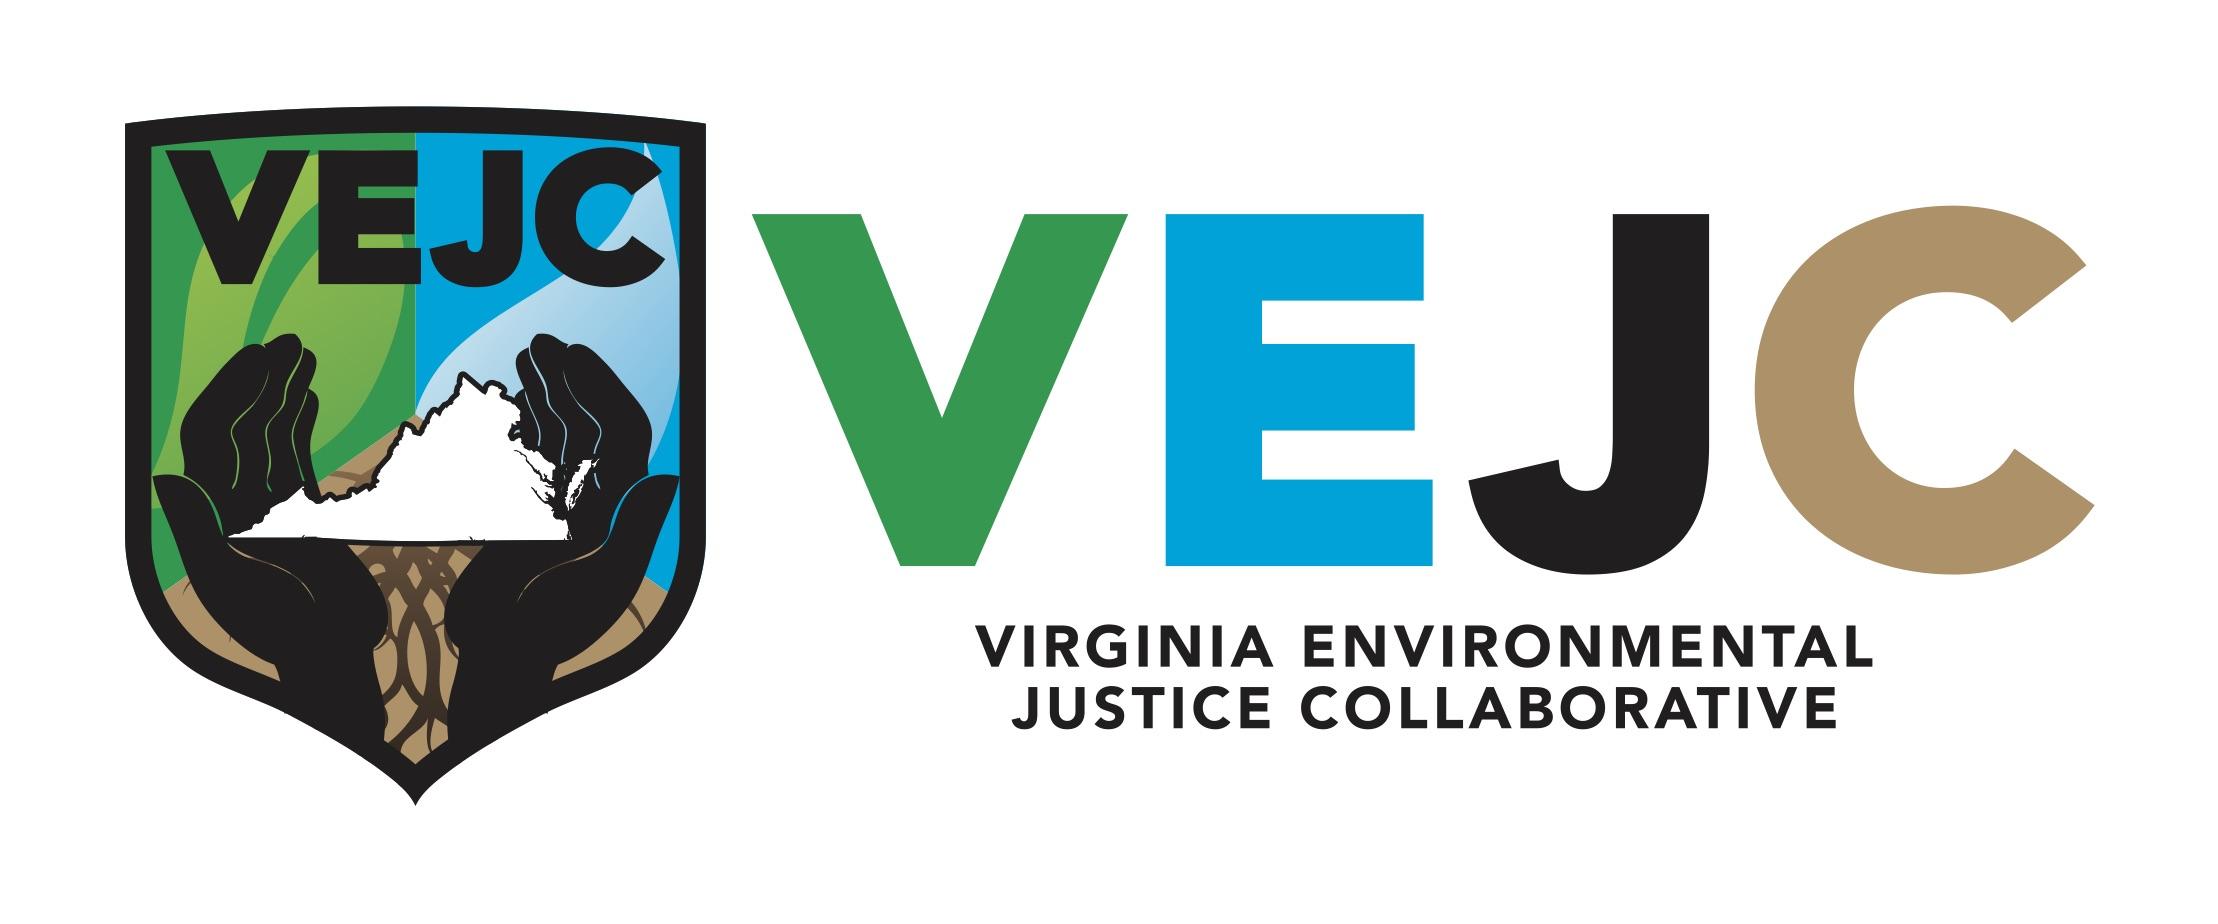 VEJC_Full_Logo.jpg